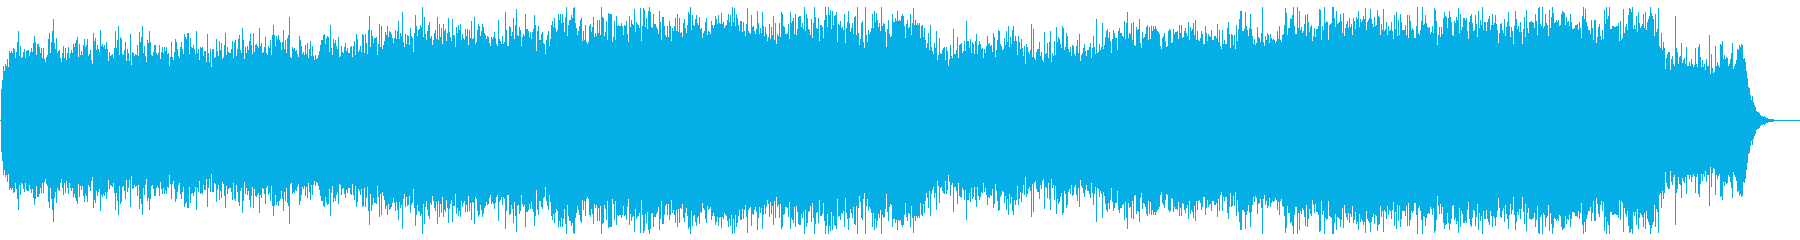 流れるようなヒーリングミュージックの再生済みの波形